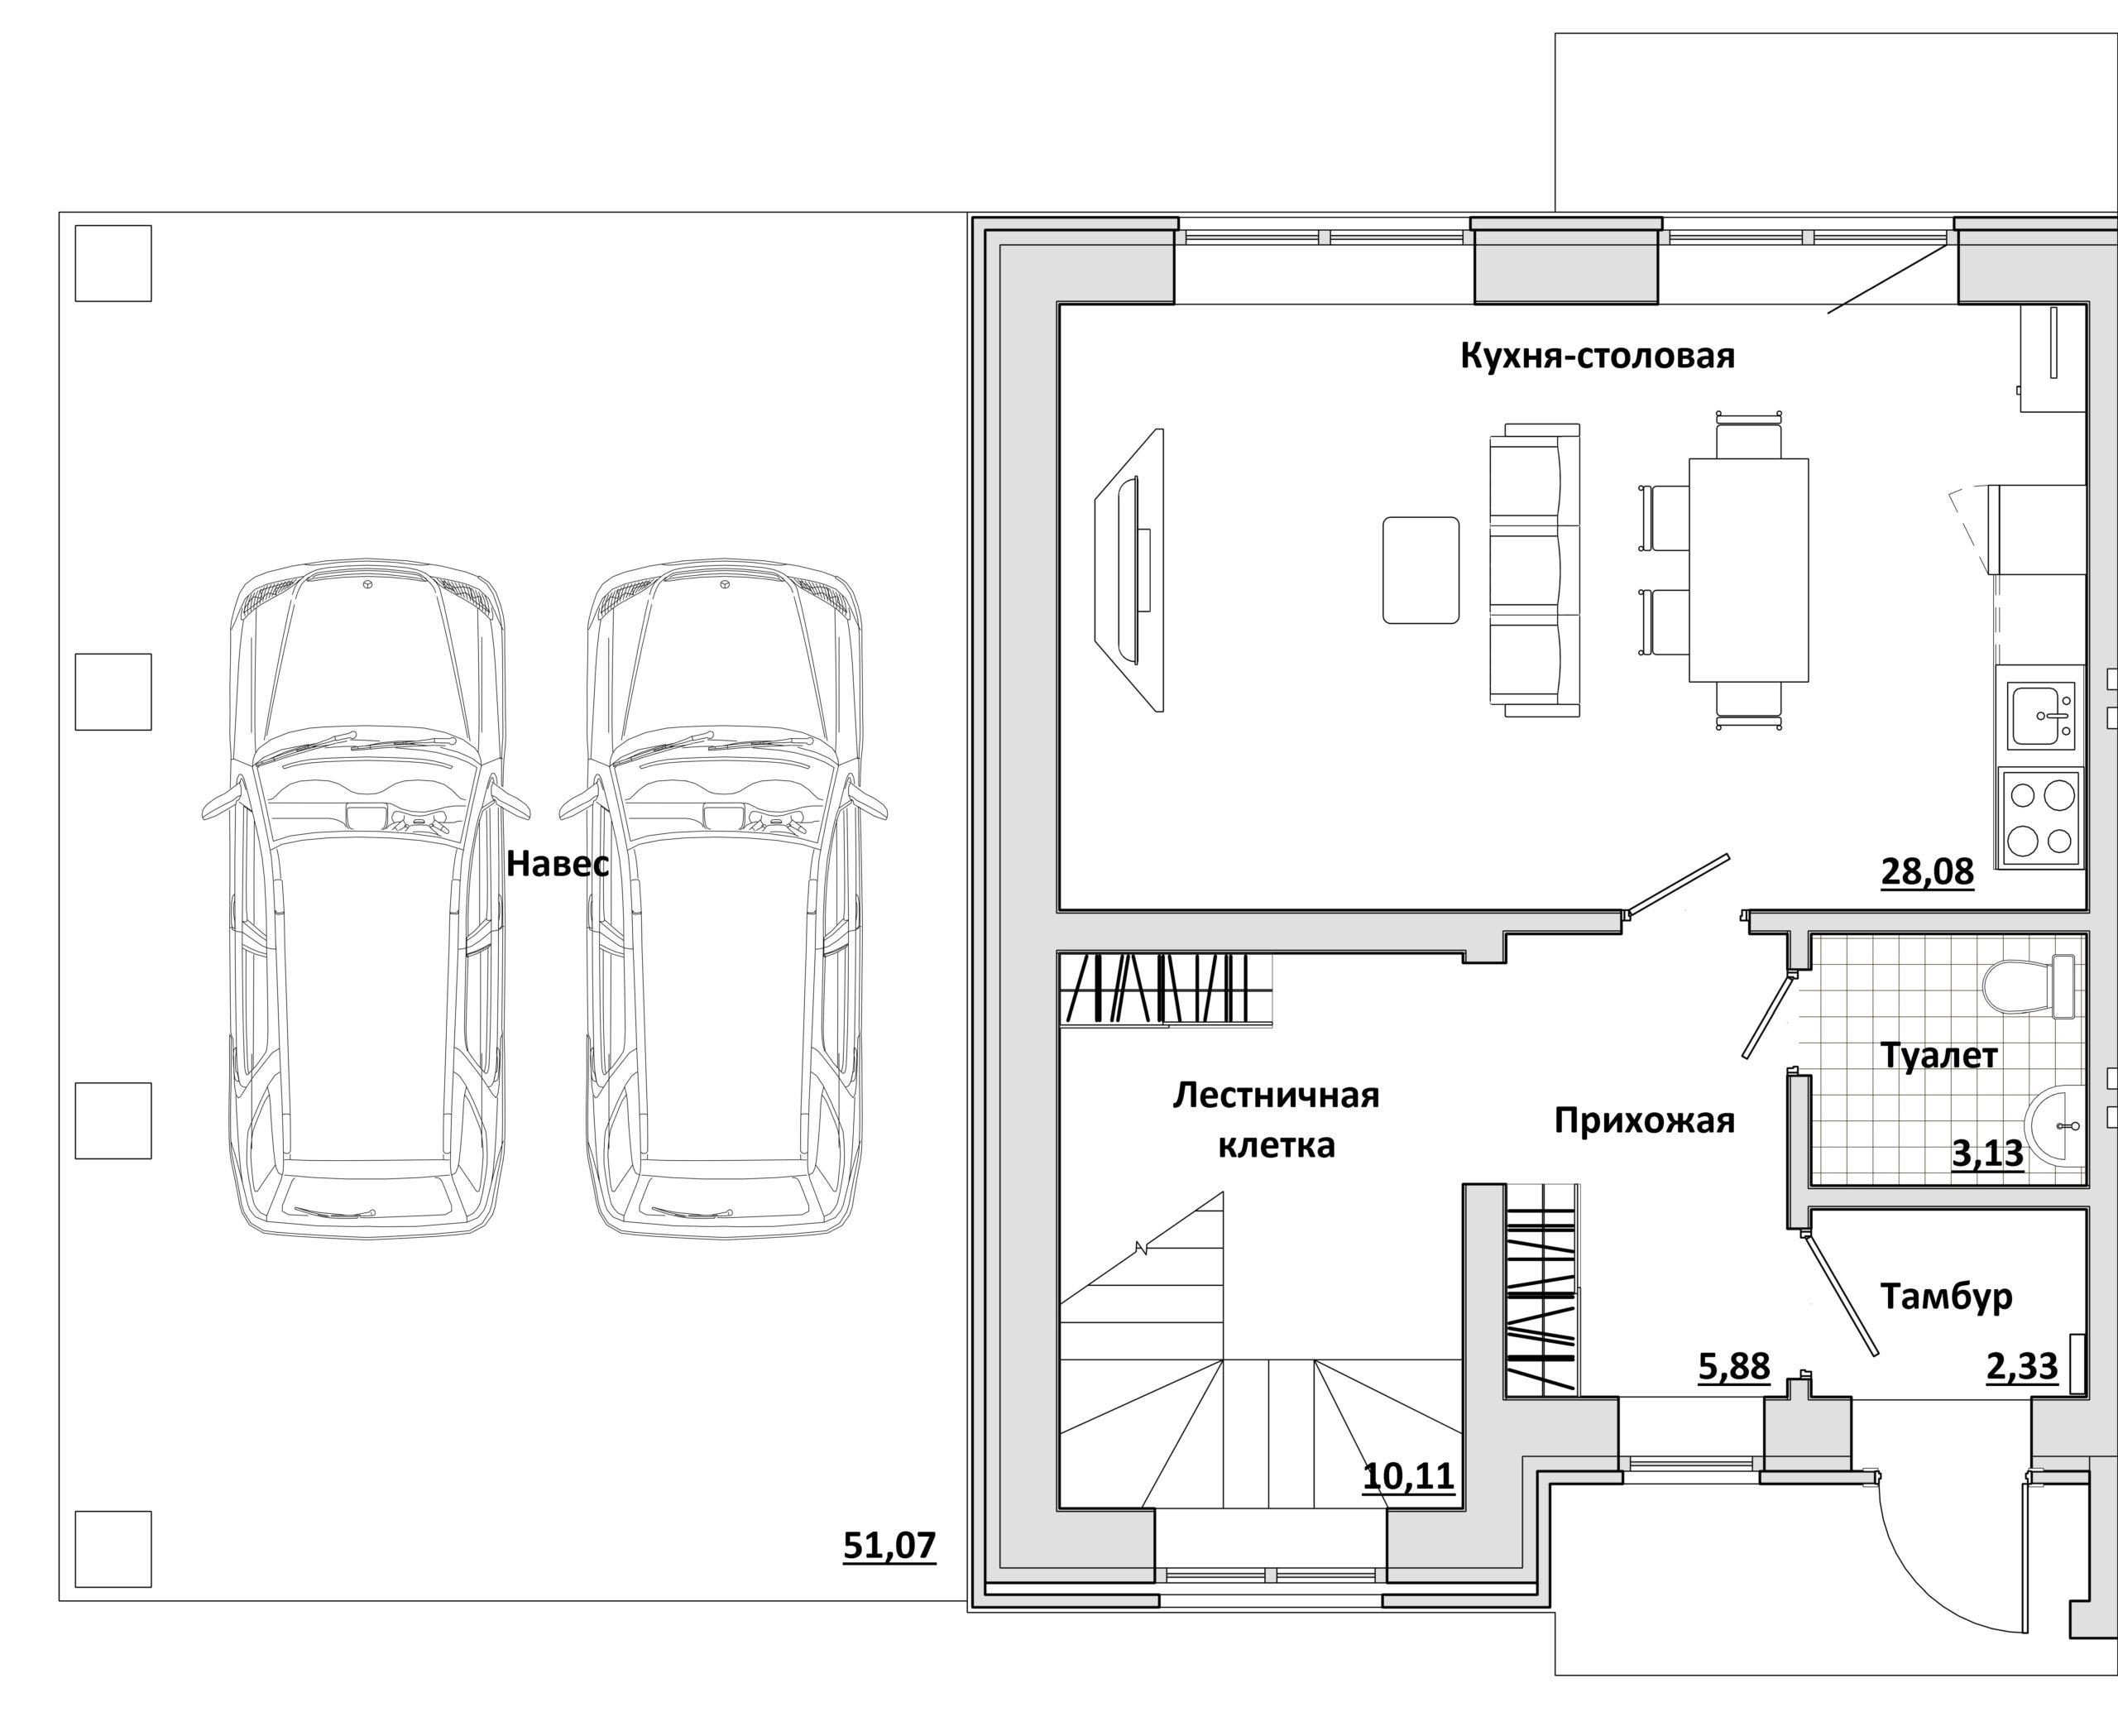 Дуплекс - План 1-го этажа ЛЕВЫЙ